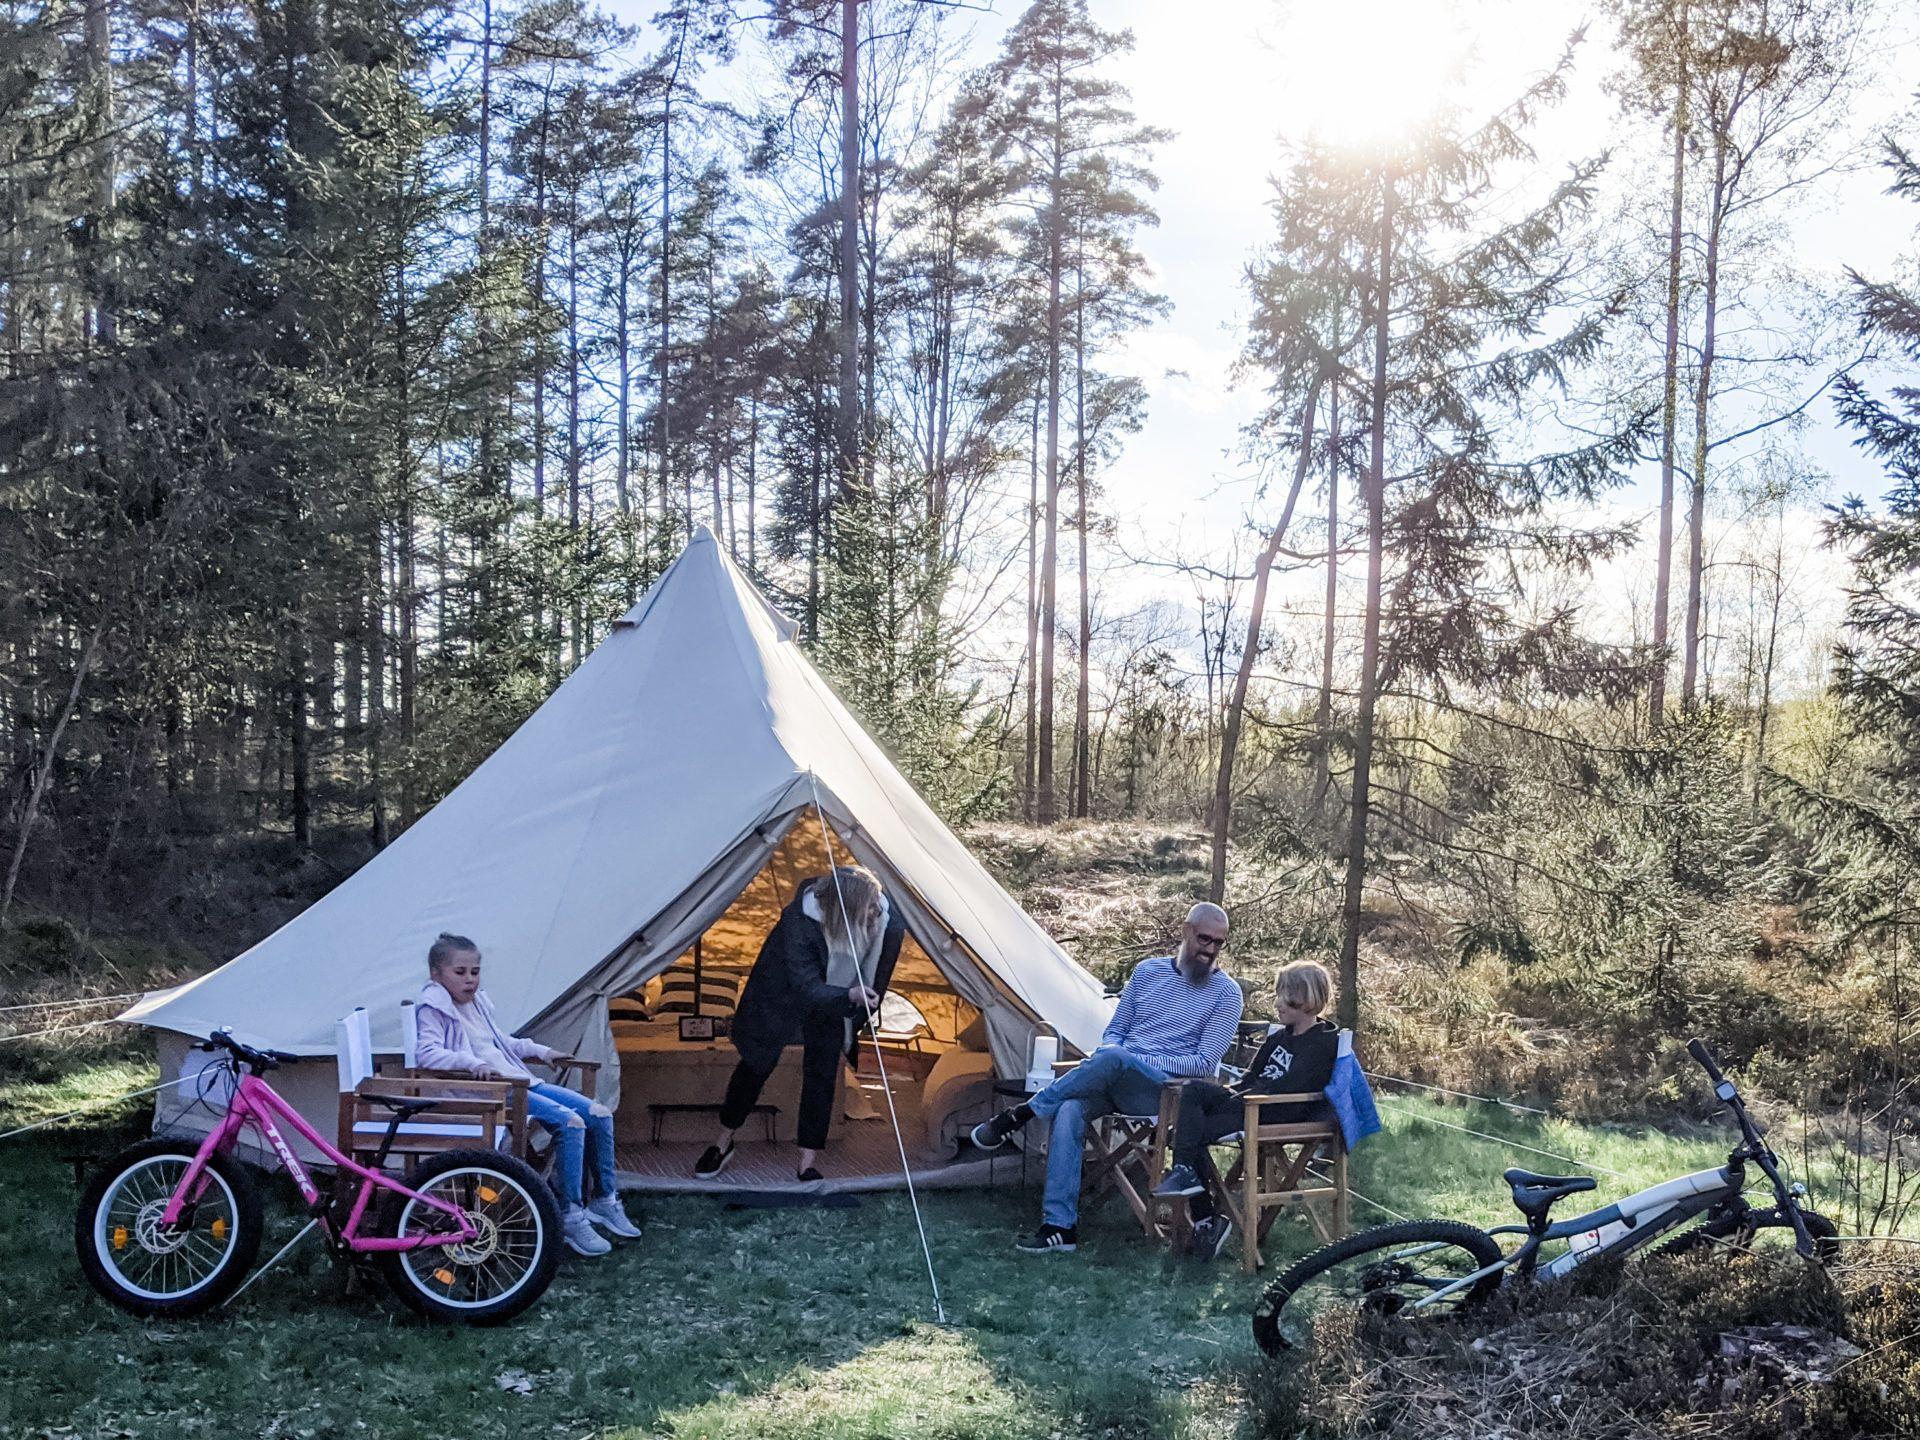 Nordic Pop up Glamping i 2020 | Lyxtältning, Pop up, Tält